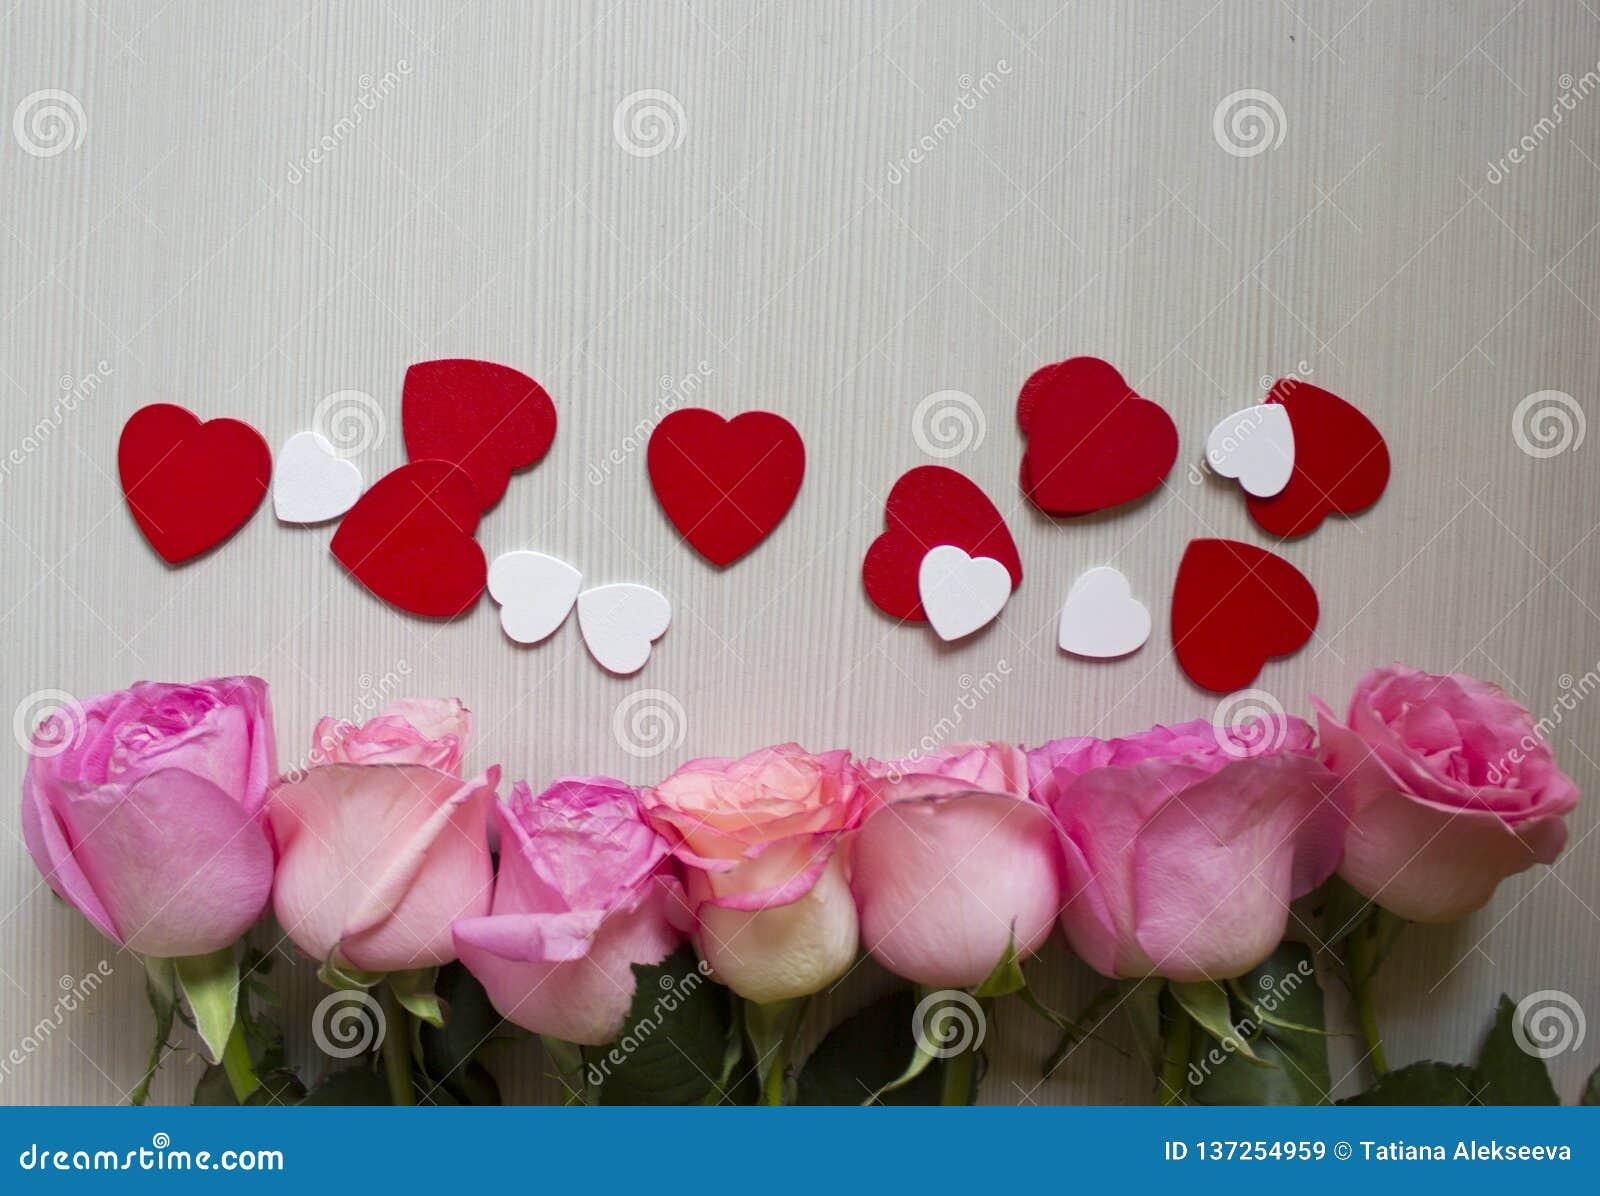 Ρόδινα τριαντάφυλλα, κόκκινες και άσπρες καρδιές πέρα από το ξύλινο υπόβαθρο Ανασκόπηση ημέρας βαλεντίνων